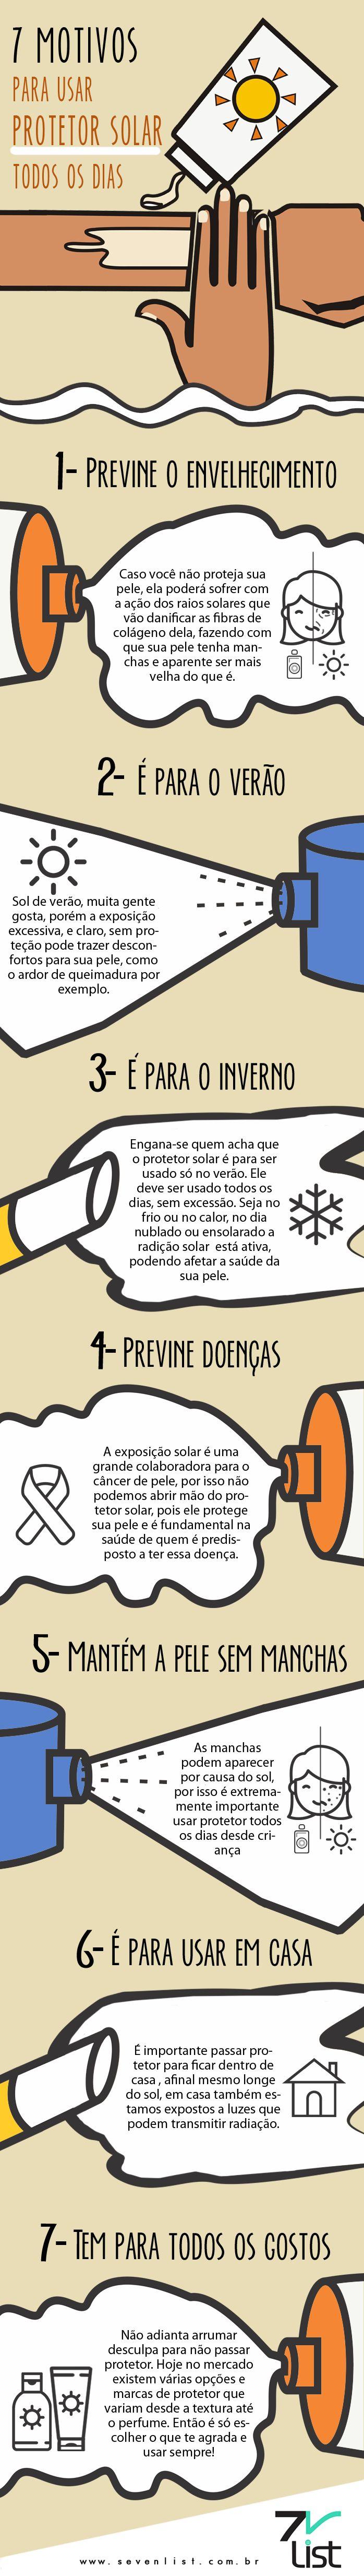 #Infográfico #Infographic #List #Lista #Sevenlist #Pele #Saúde #Bemestar #Sol #Verão #Inverno #Cuidados #Motivos #Sunblock #Filtrosolar #Sunscreen #Protetorsolar #Doenças #Câncer #Usodiário #Manchas #Acne #Envelhecimento www.sevenlist.com.br